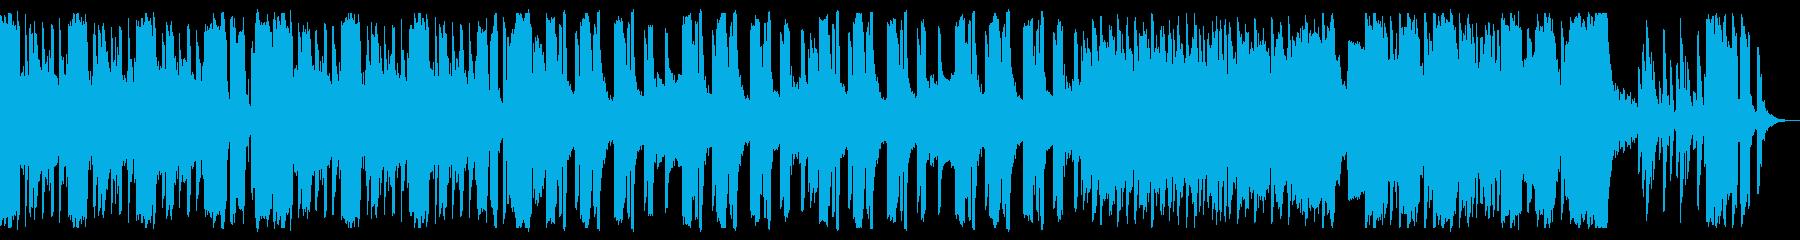 ミドルテンポで暗いハロウィン曲の再生済みの波形